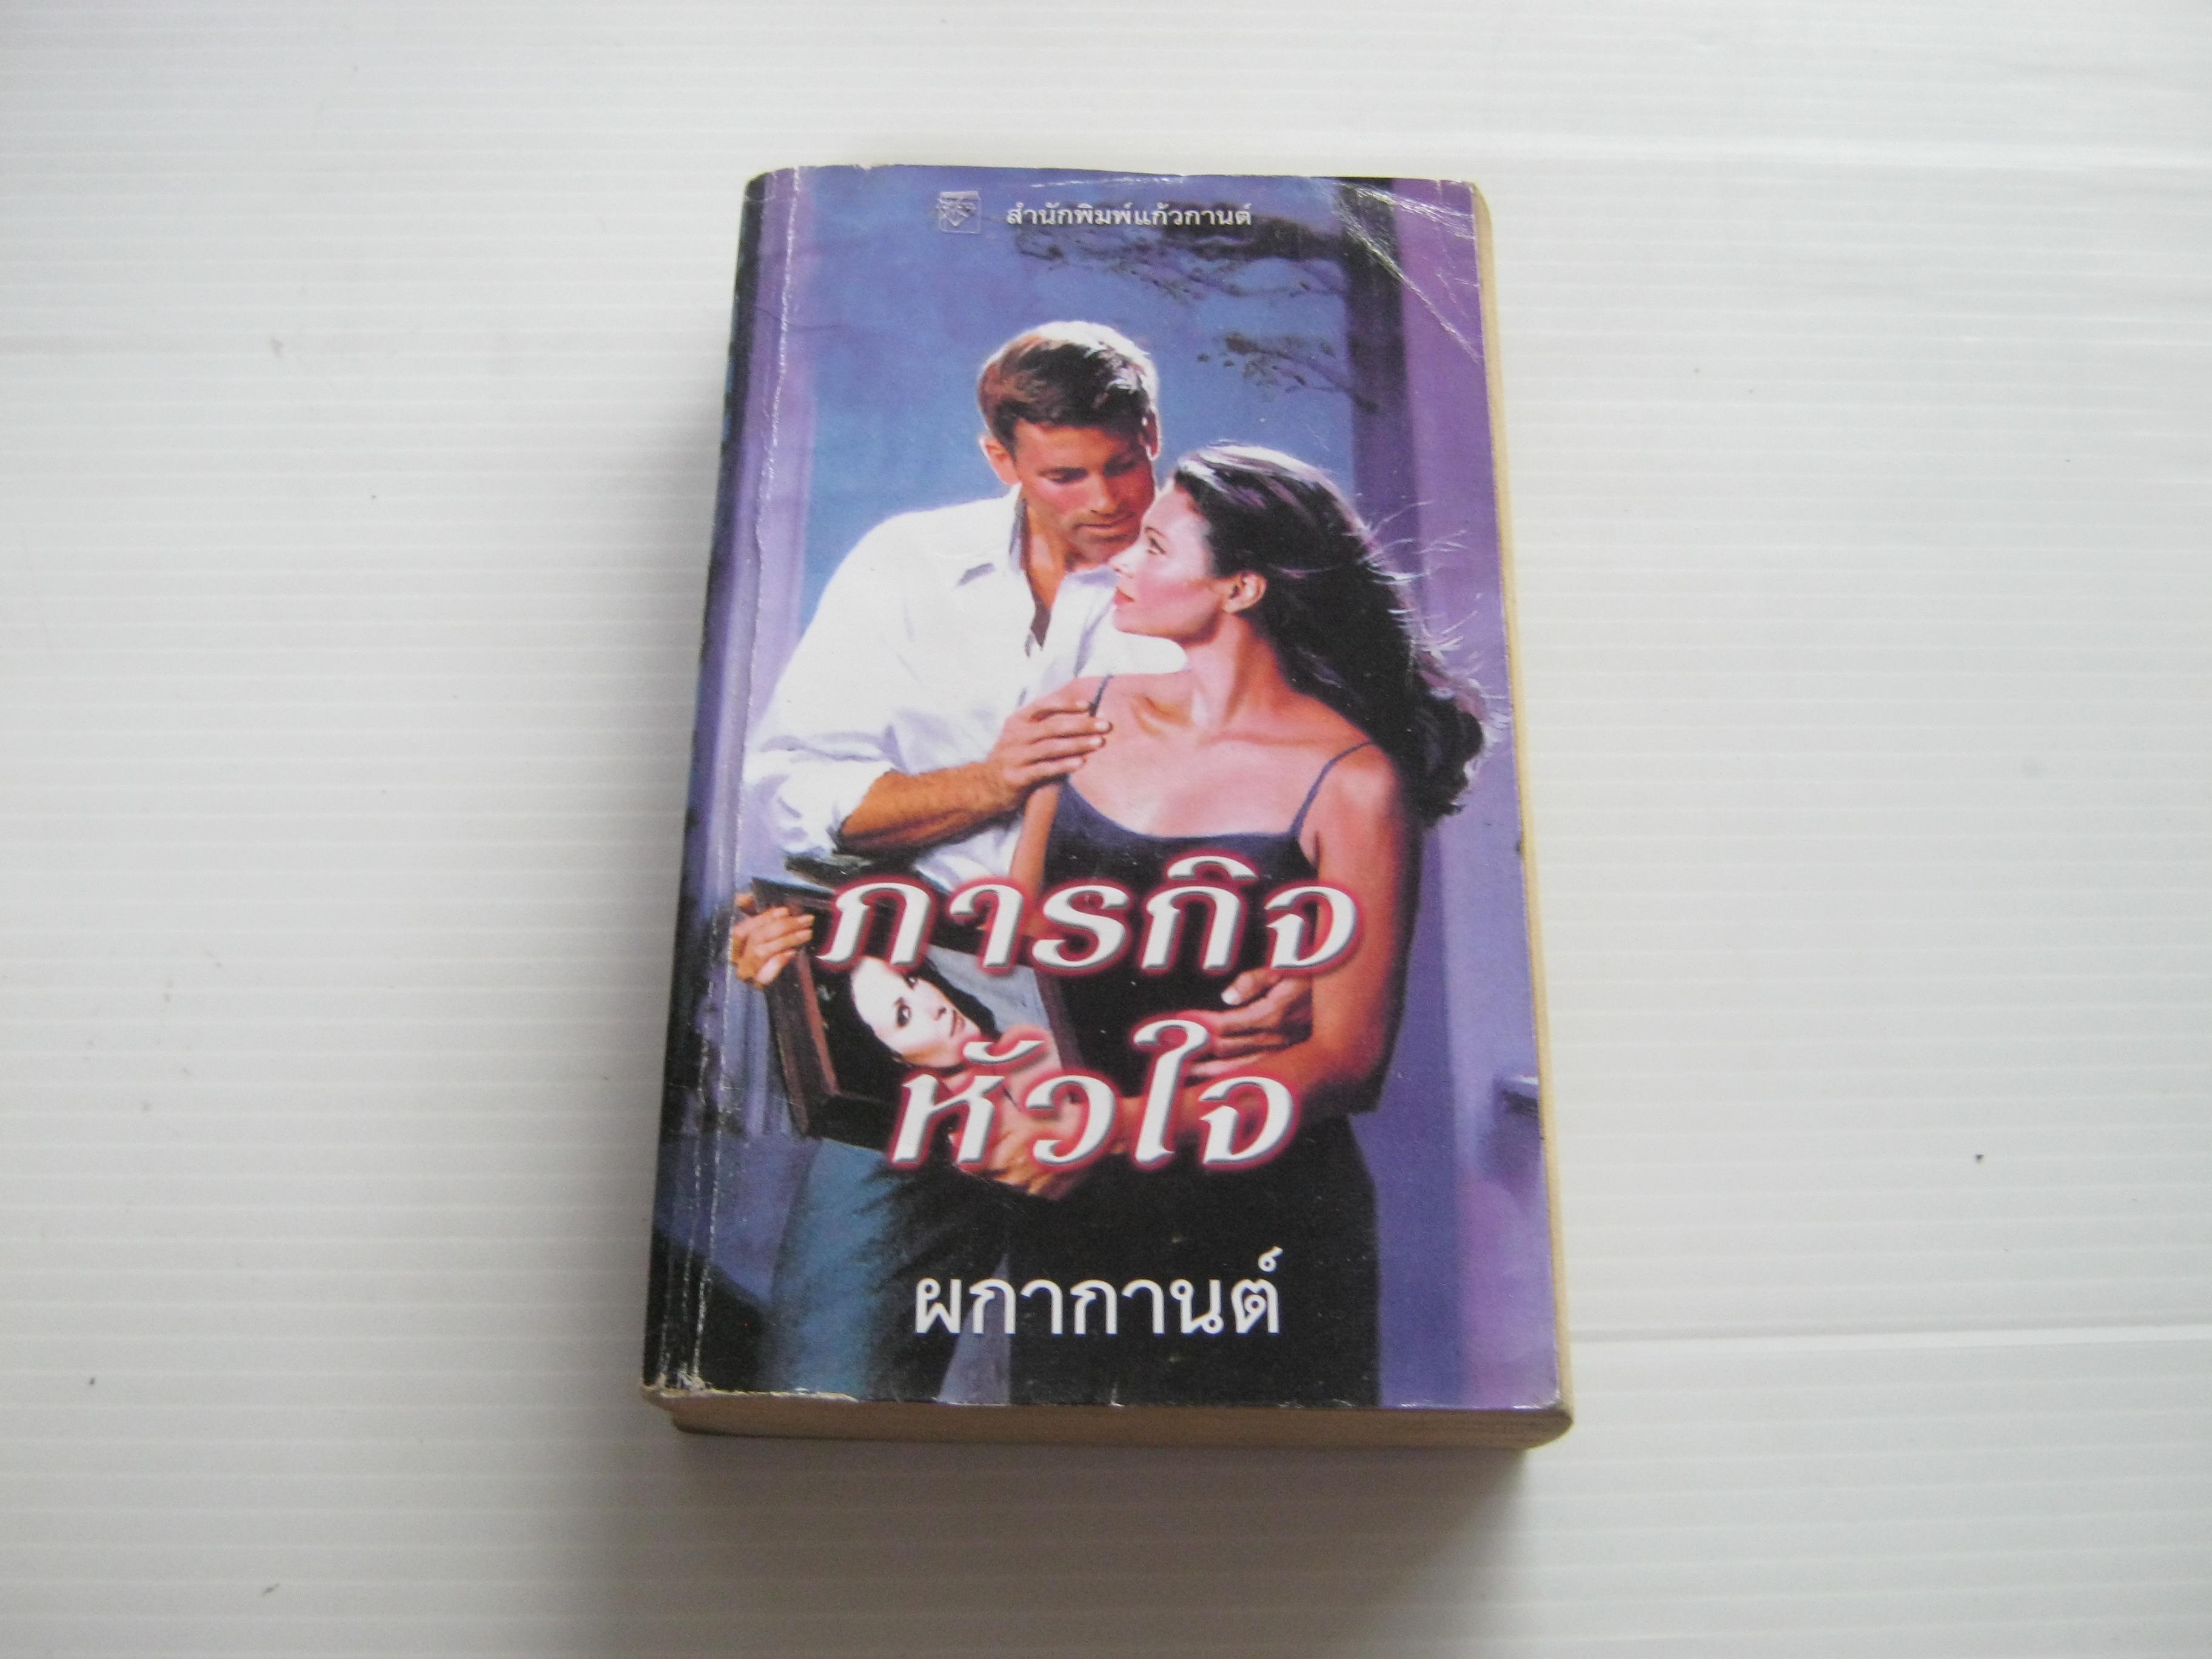 นวนิยายชุด บอดี้การ์ด ตอน ภารกิจหัวใจ ผกากานต์ แปล